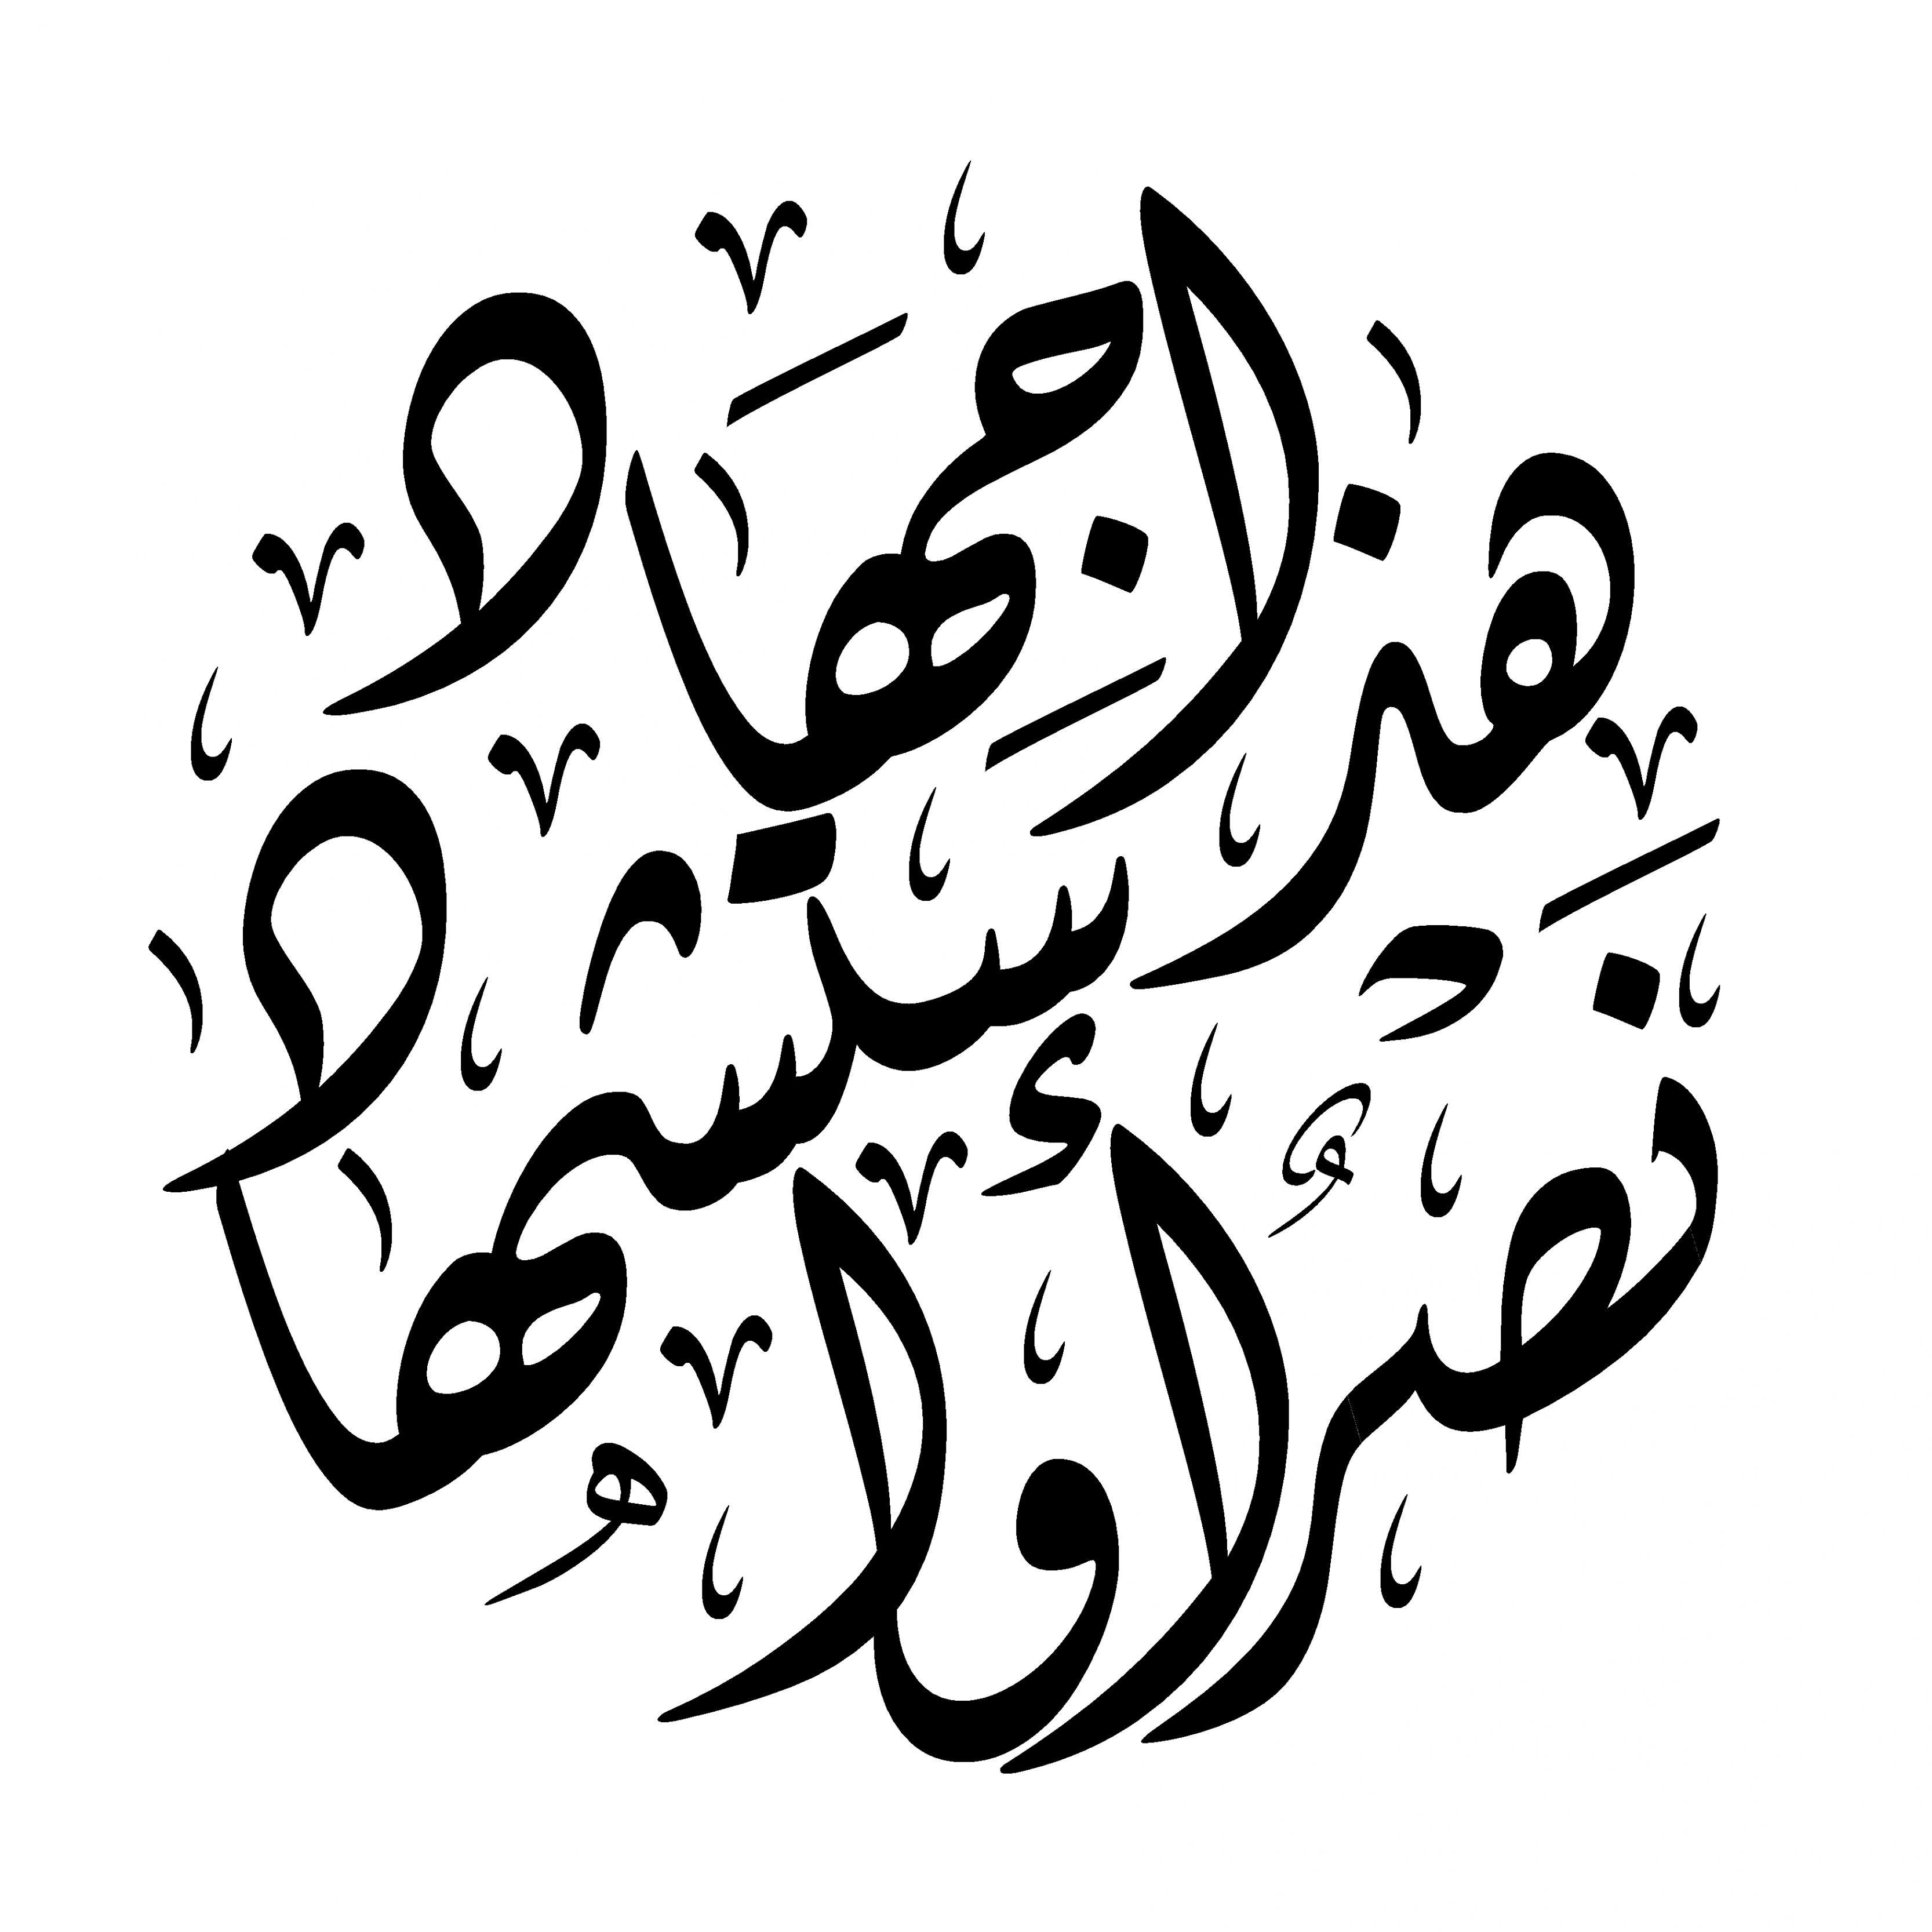 حروف عربية متداخلة حروف عربية عجيبة شوق وغزل